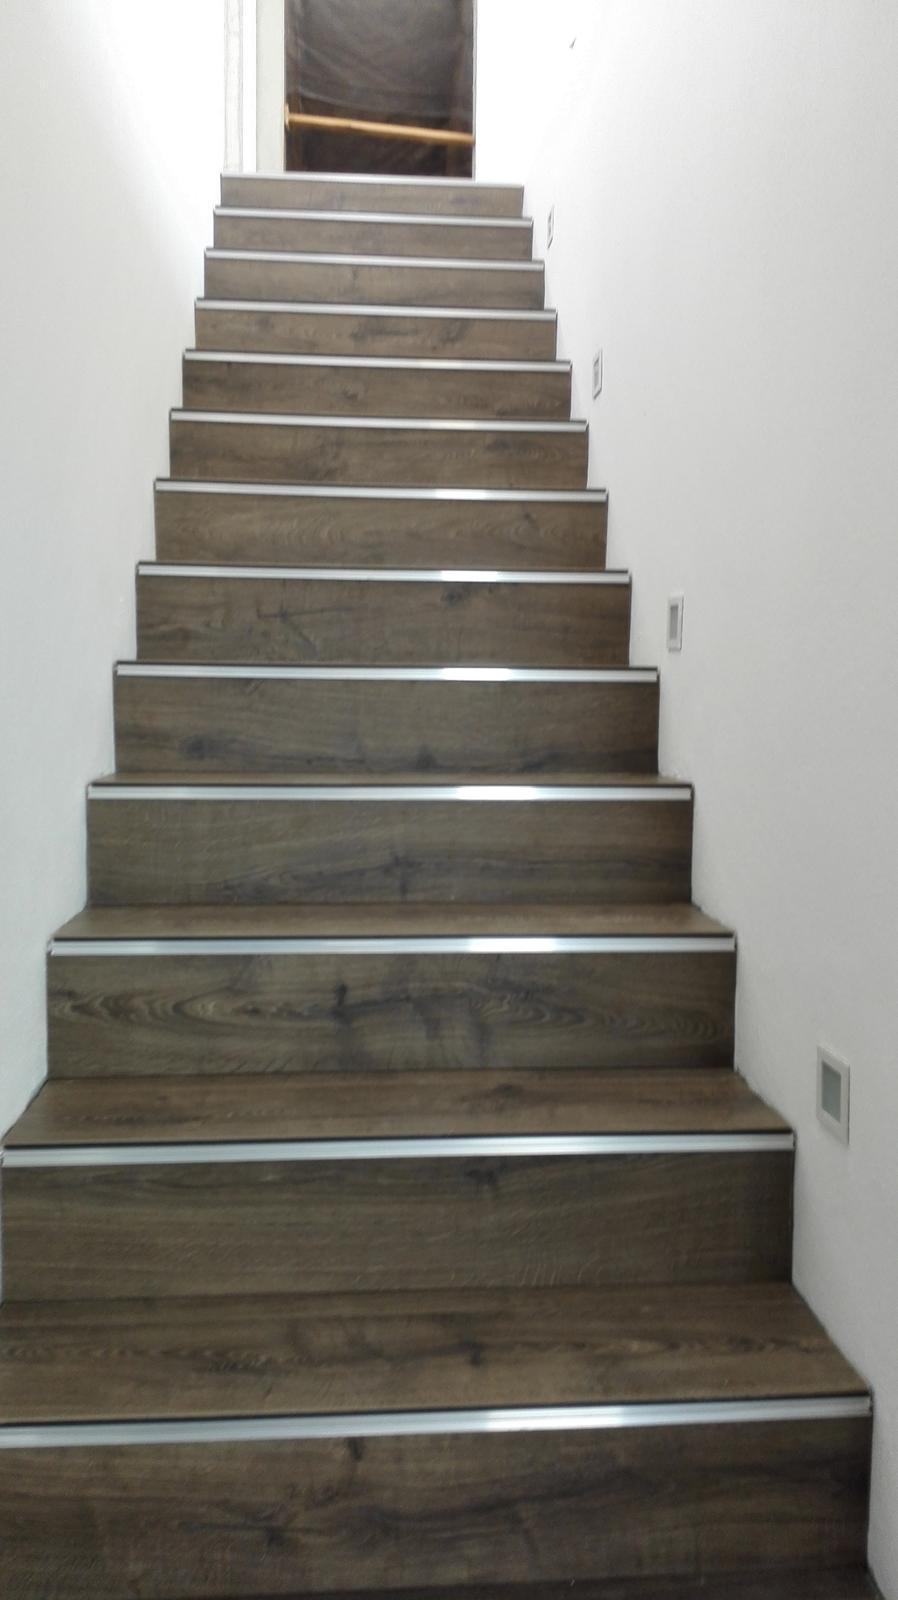 ARD Dekor 8 - 10.05. Podlaha na schodoch je hotova (este bocne sokle a potom dame rohove listy na schody)